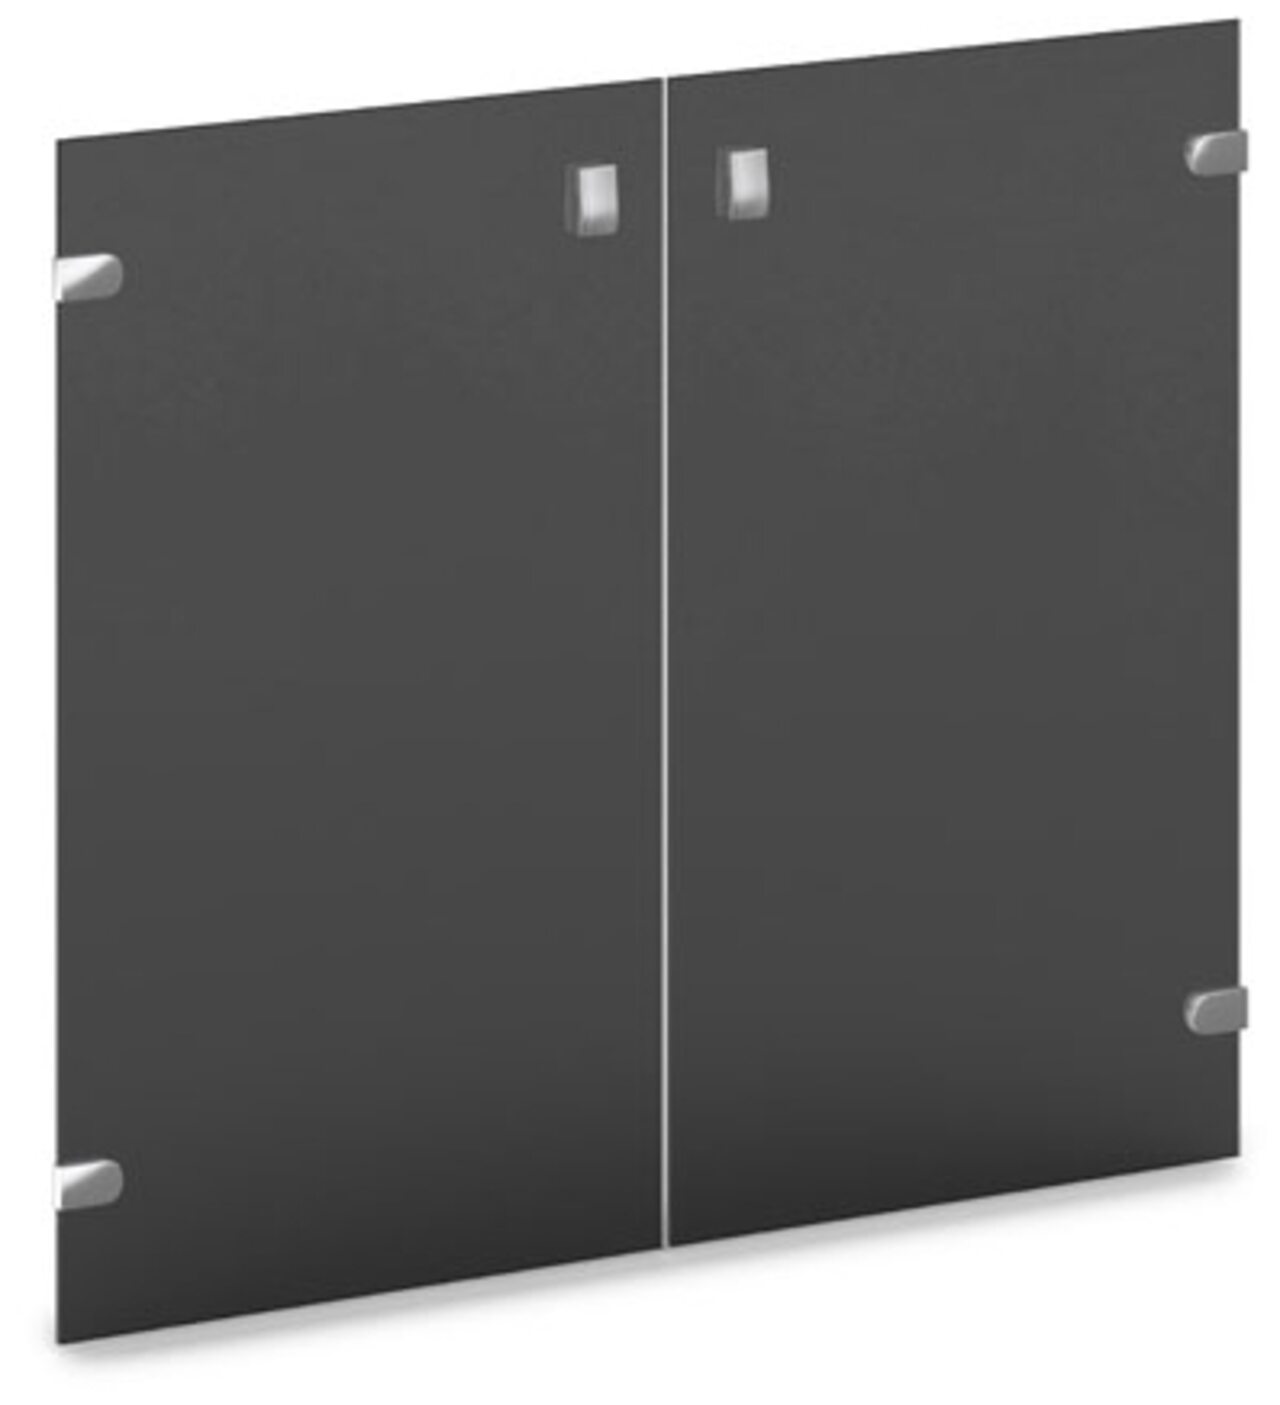 Двери средние стеклянные тонированные  Vasanta 81x1x71 - фото 1